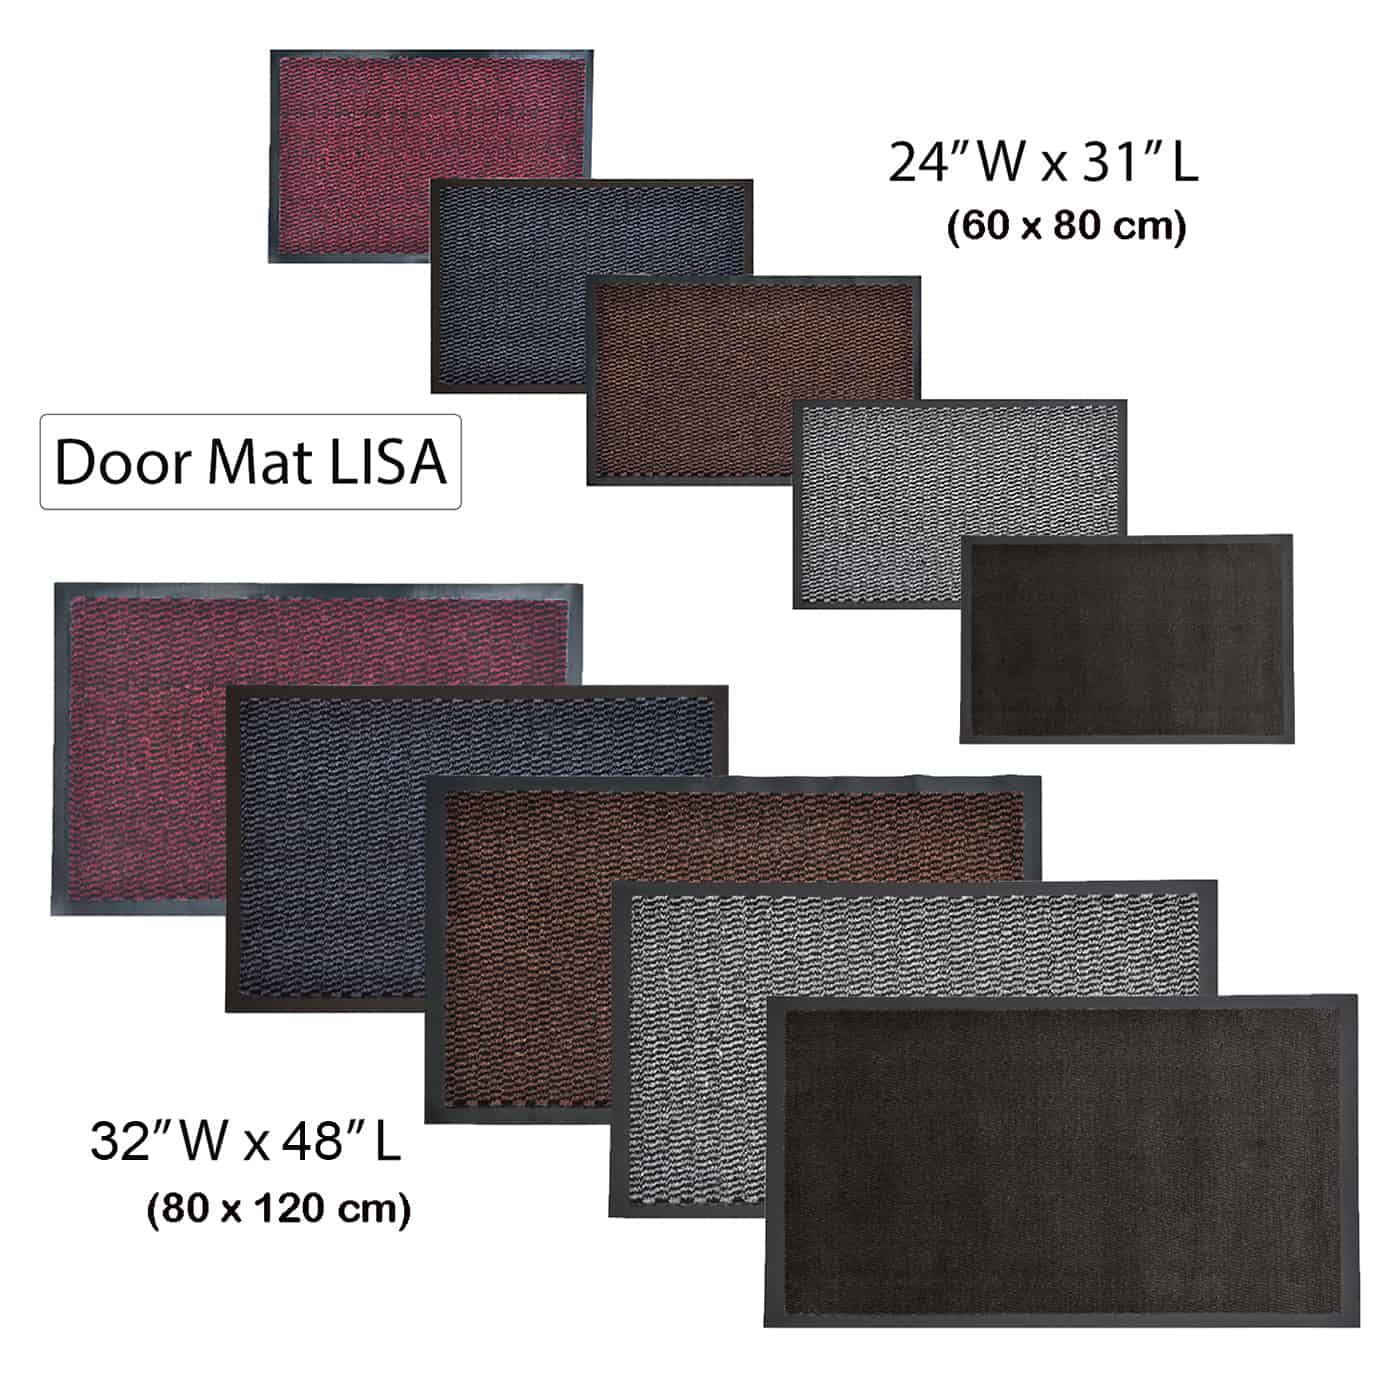 Indoor Door Mat Lisa 31 L x 24 W Inch PP-PVC - Grey